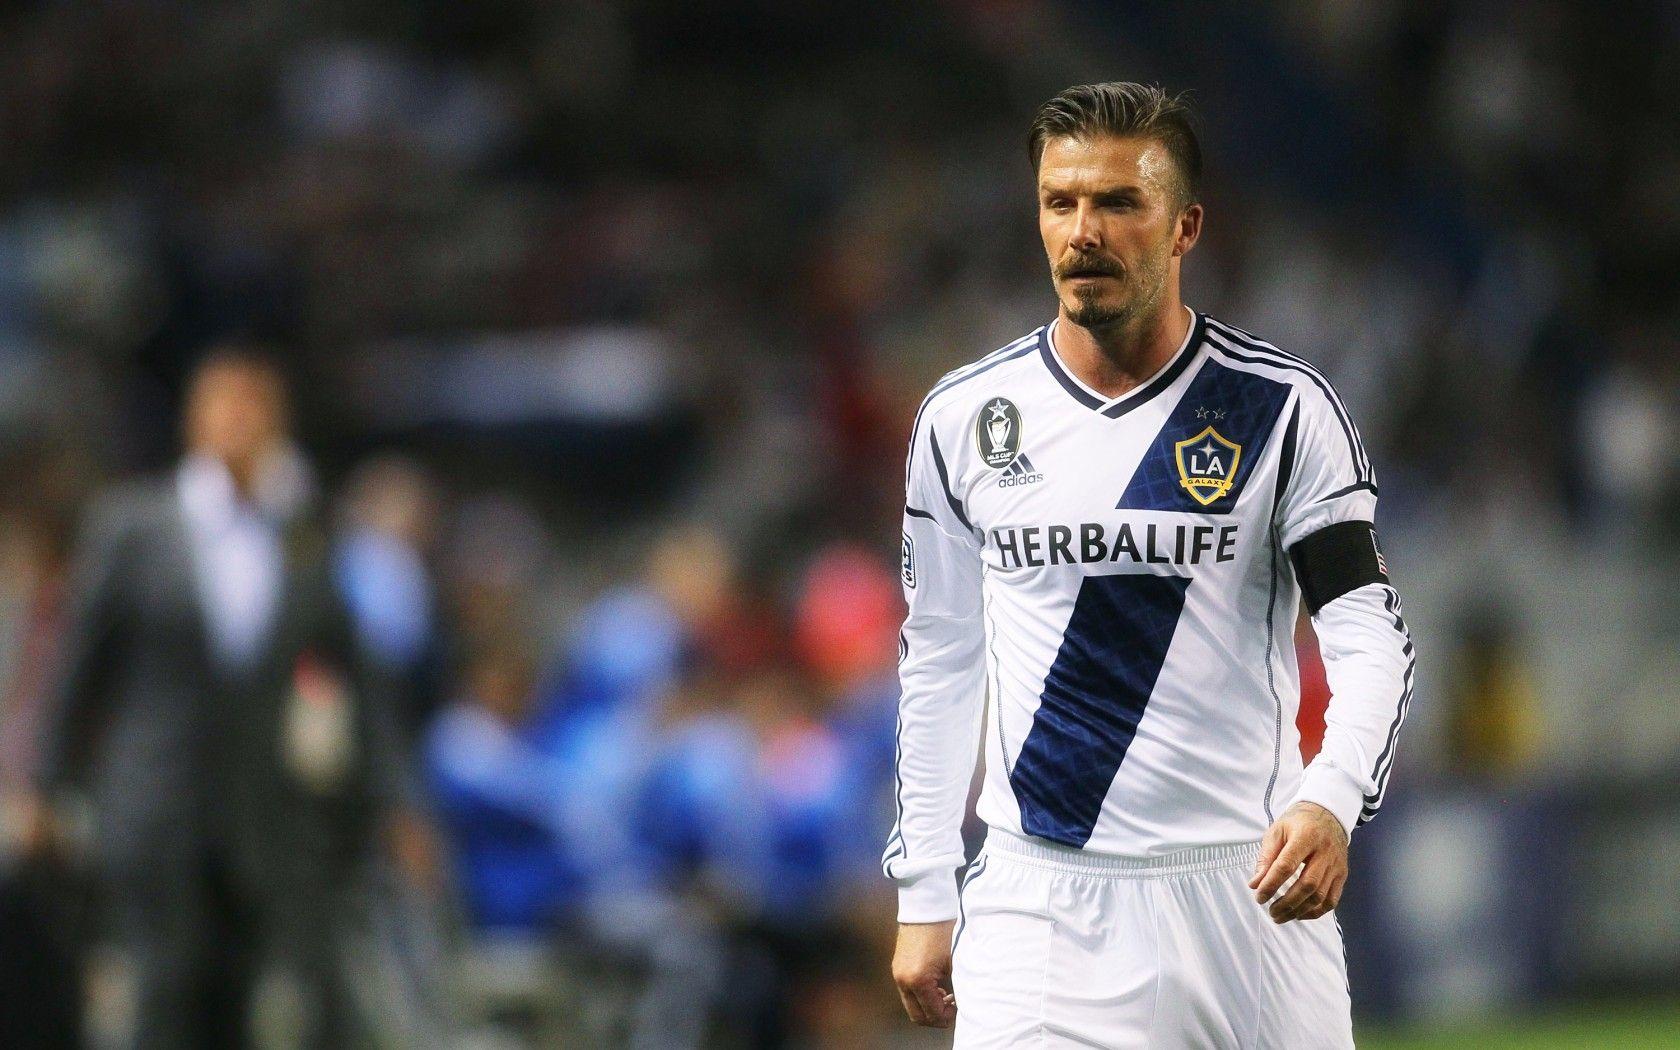 Most Beautiful Manchester United Wallpapers Beckham #Beckham #LAGalaxy